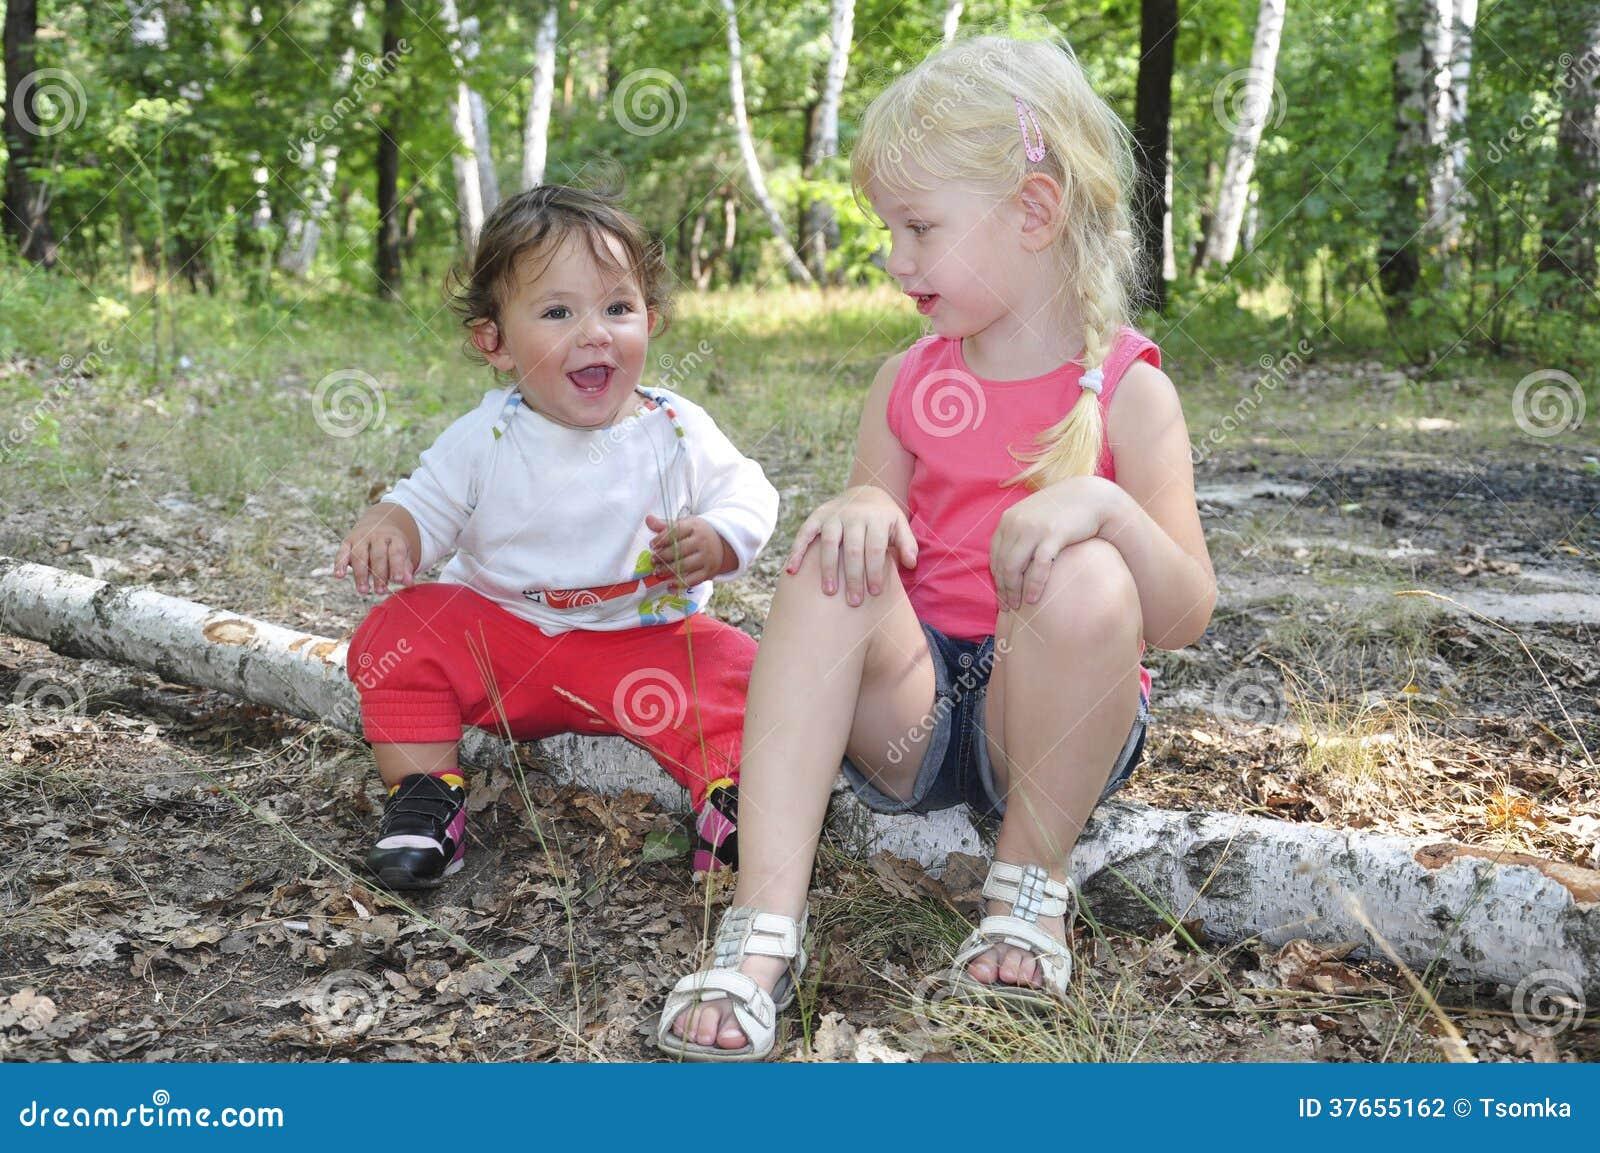 Sommer im wald auf birkenklotz sitzt zwei kleine - Kleines kinderzimmer fa r zwei ...